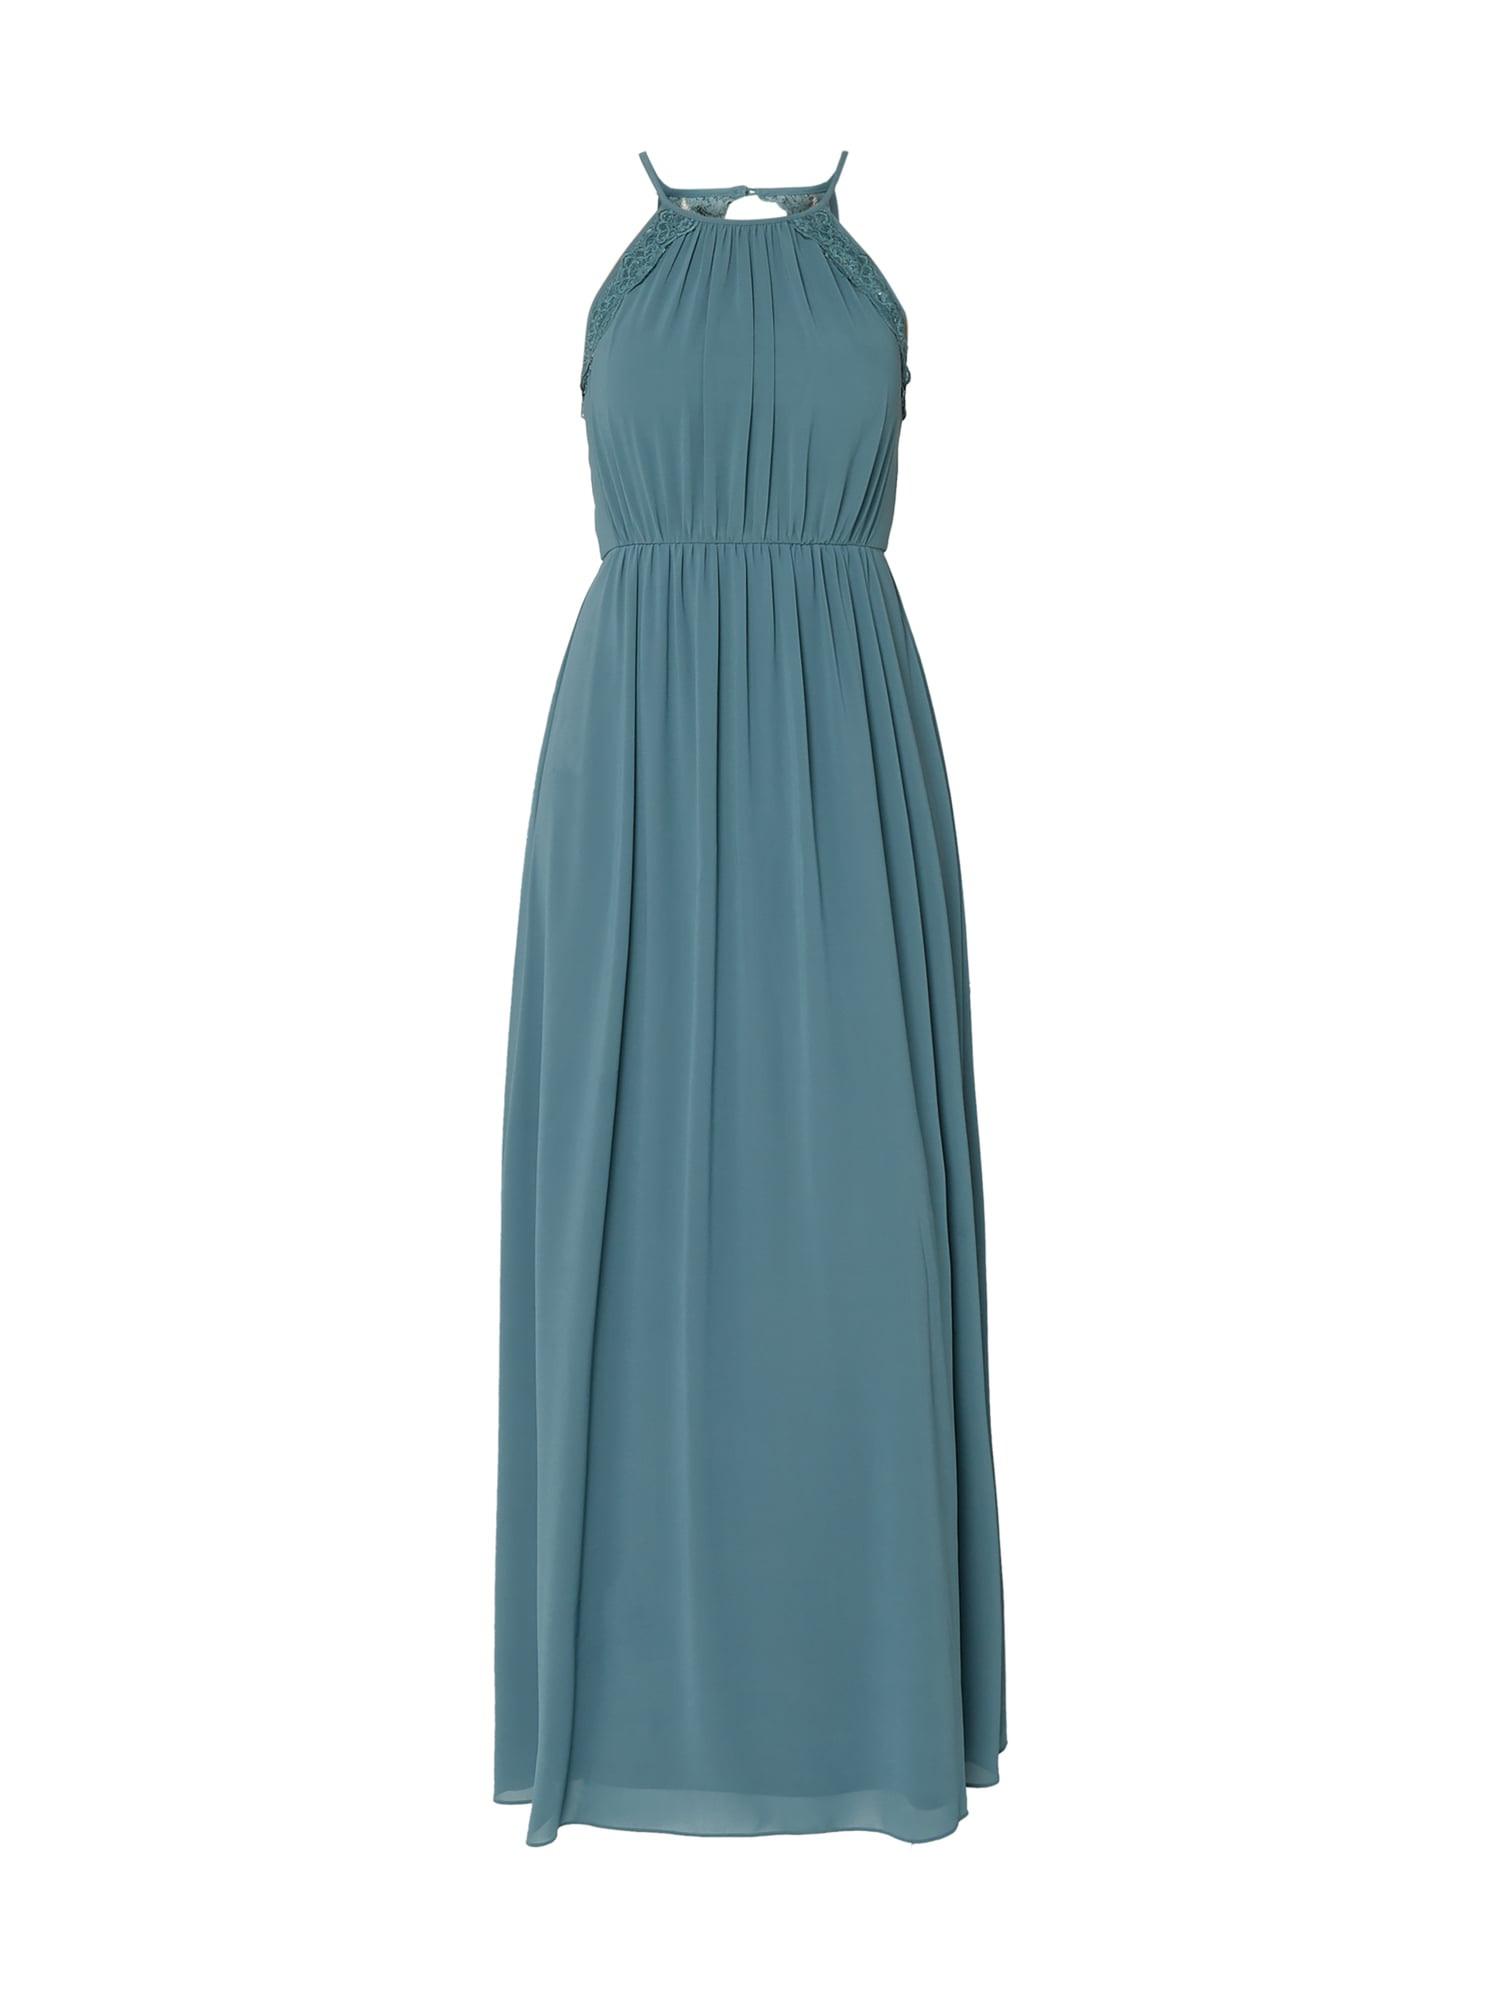 Formal Luxurius Jakes Abendkleid Spezialgebiet10 Coolste Jakes Abendkleid Galerie